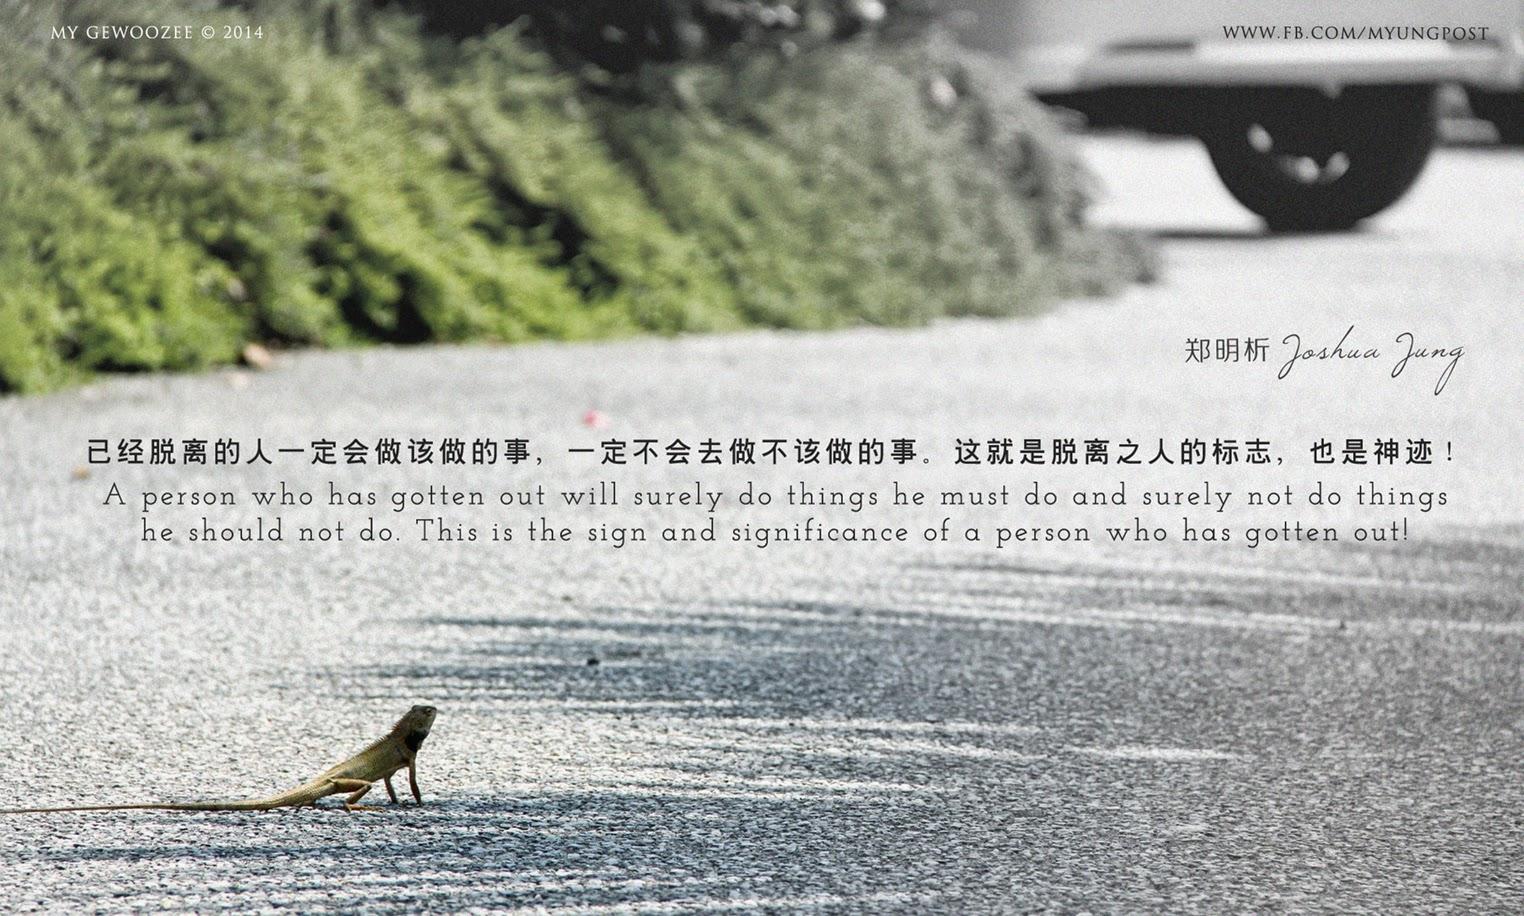 郑明析,摄理,月明洞,脱离,标志,神迹,道路,Joshua Jung, Providence, Wolmyeong Dong, Road